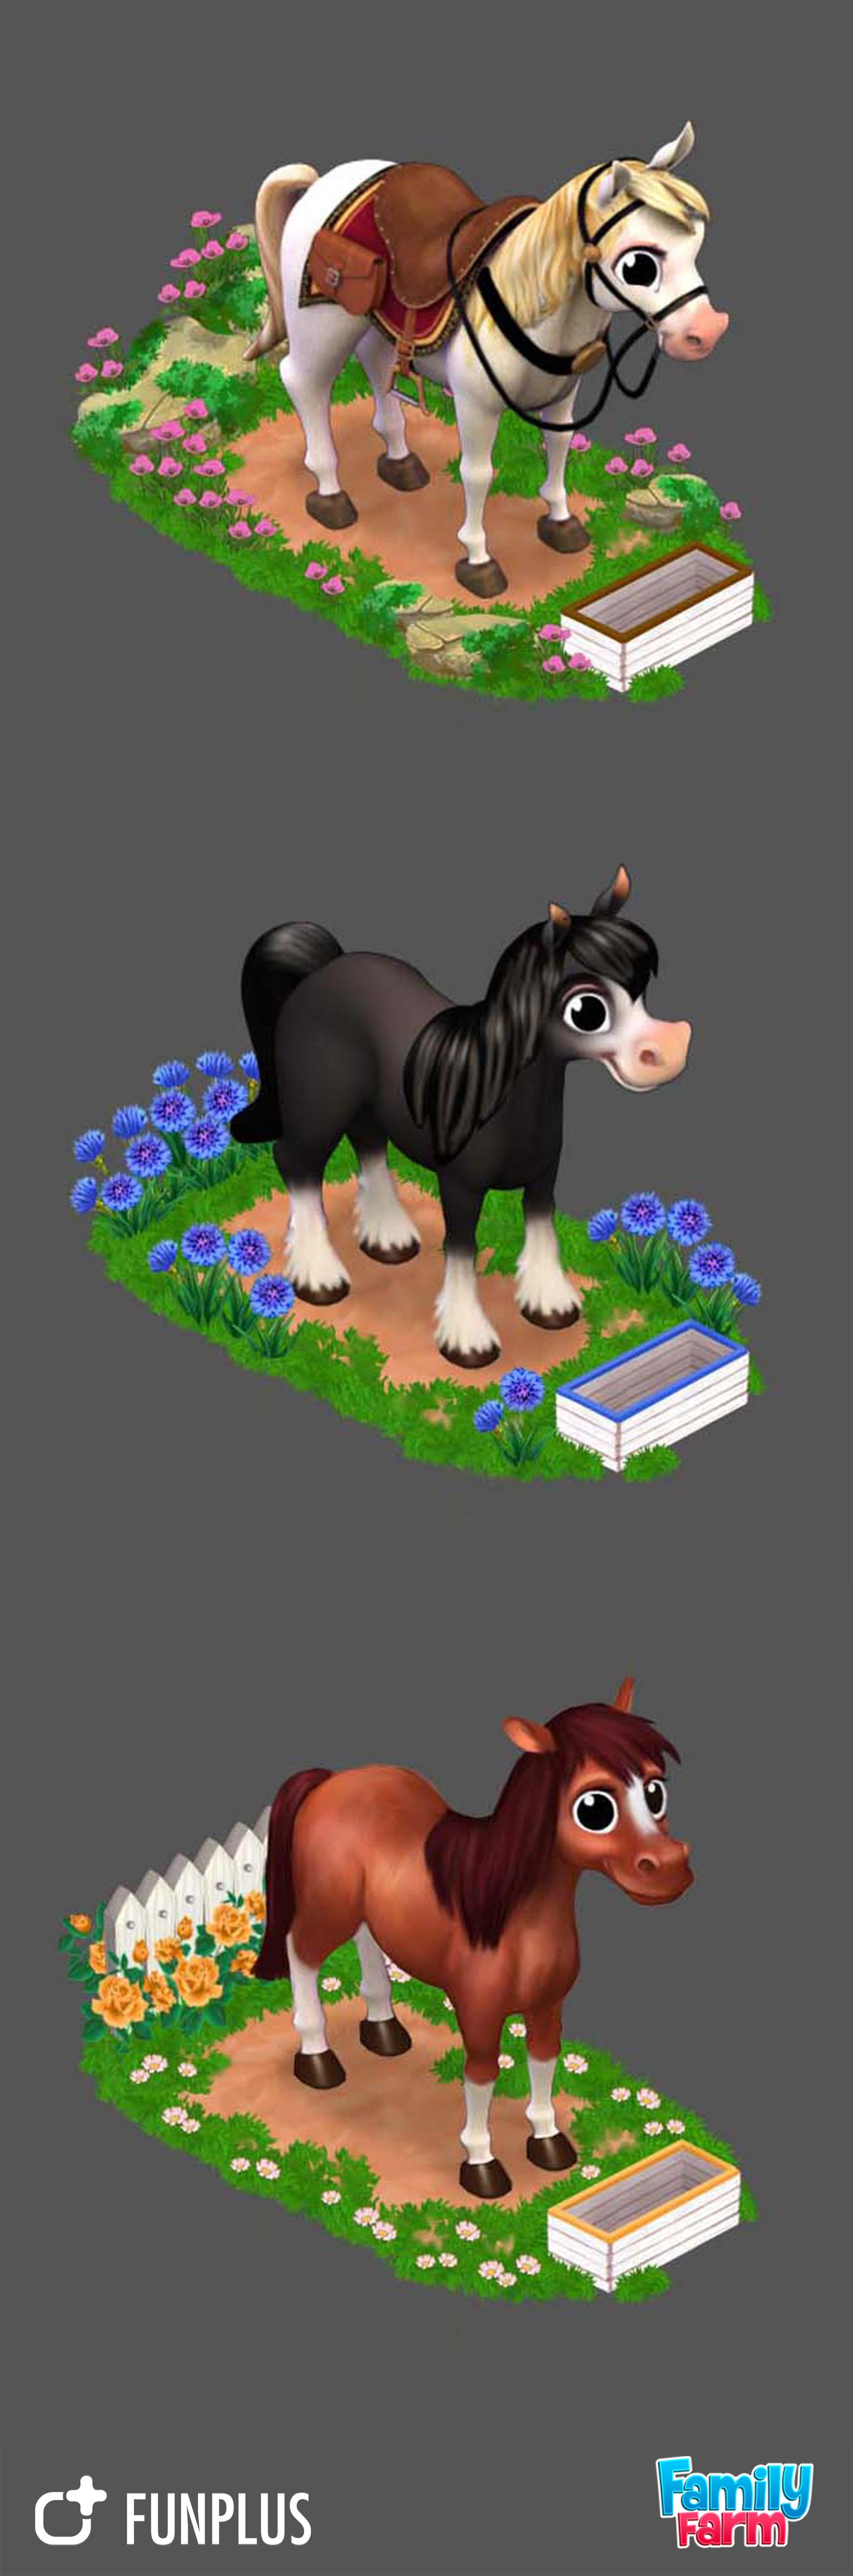 polished-horses-ff-new